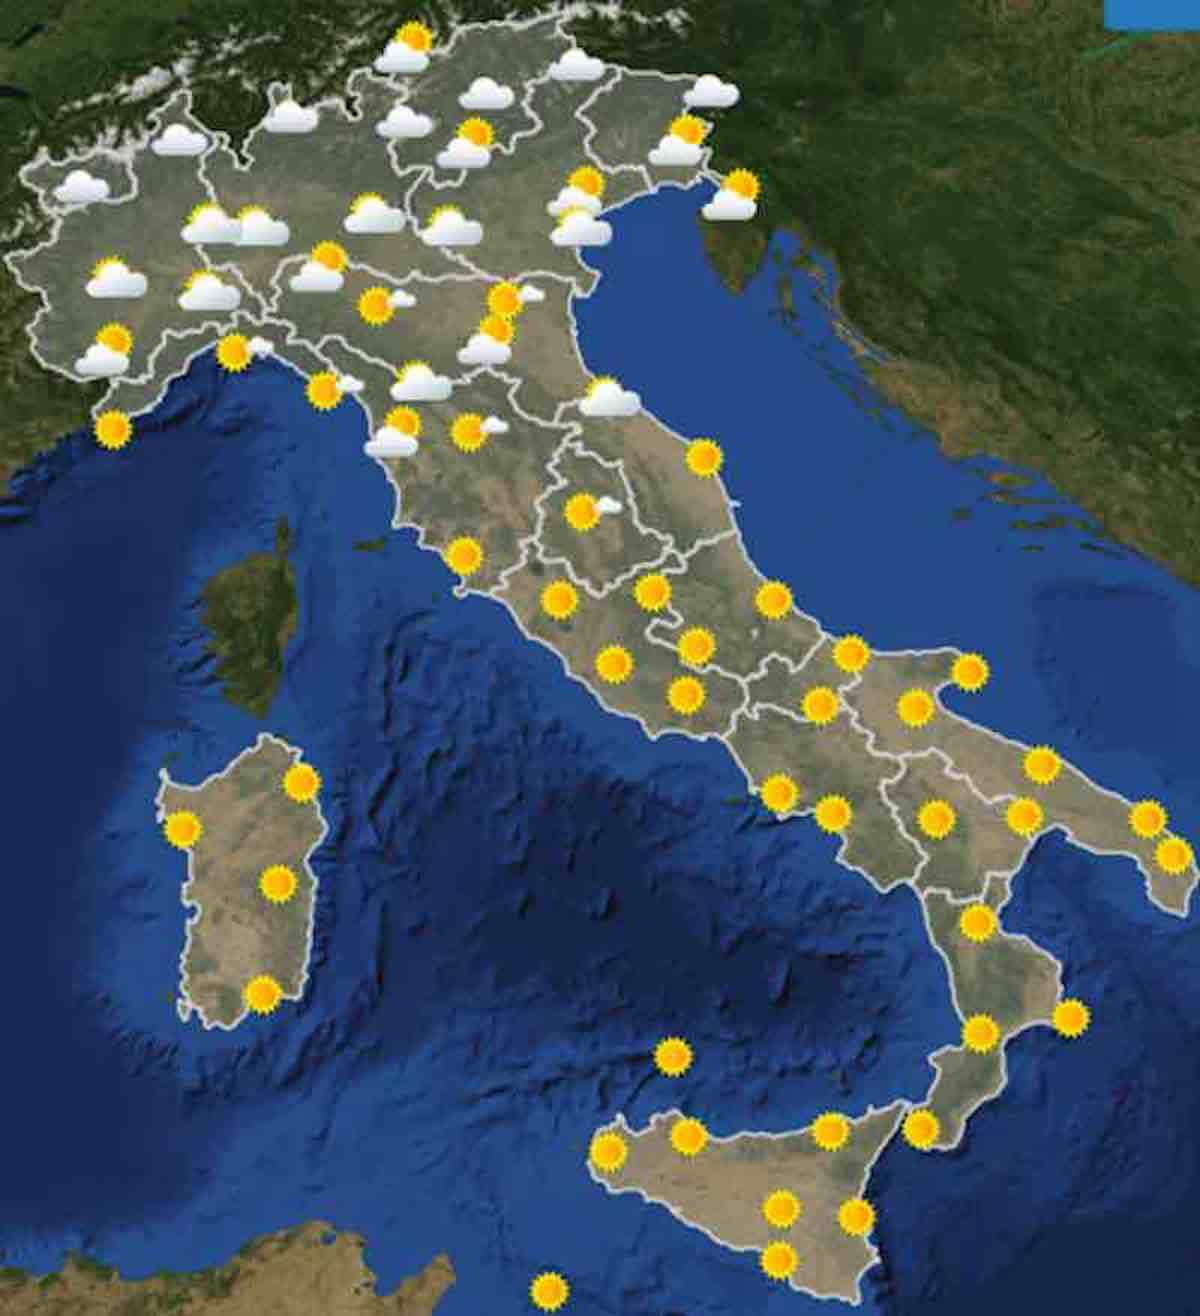 mappe ore 6 - Previsioni Meteo oggi domenica 21 luglio 2019 in Italia, tempo, temperature mari  e venti - meteoweek.com